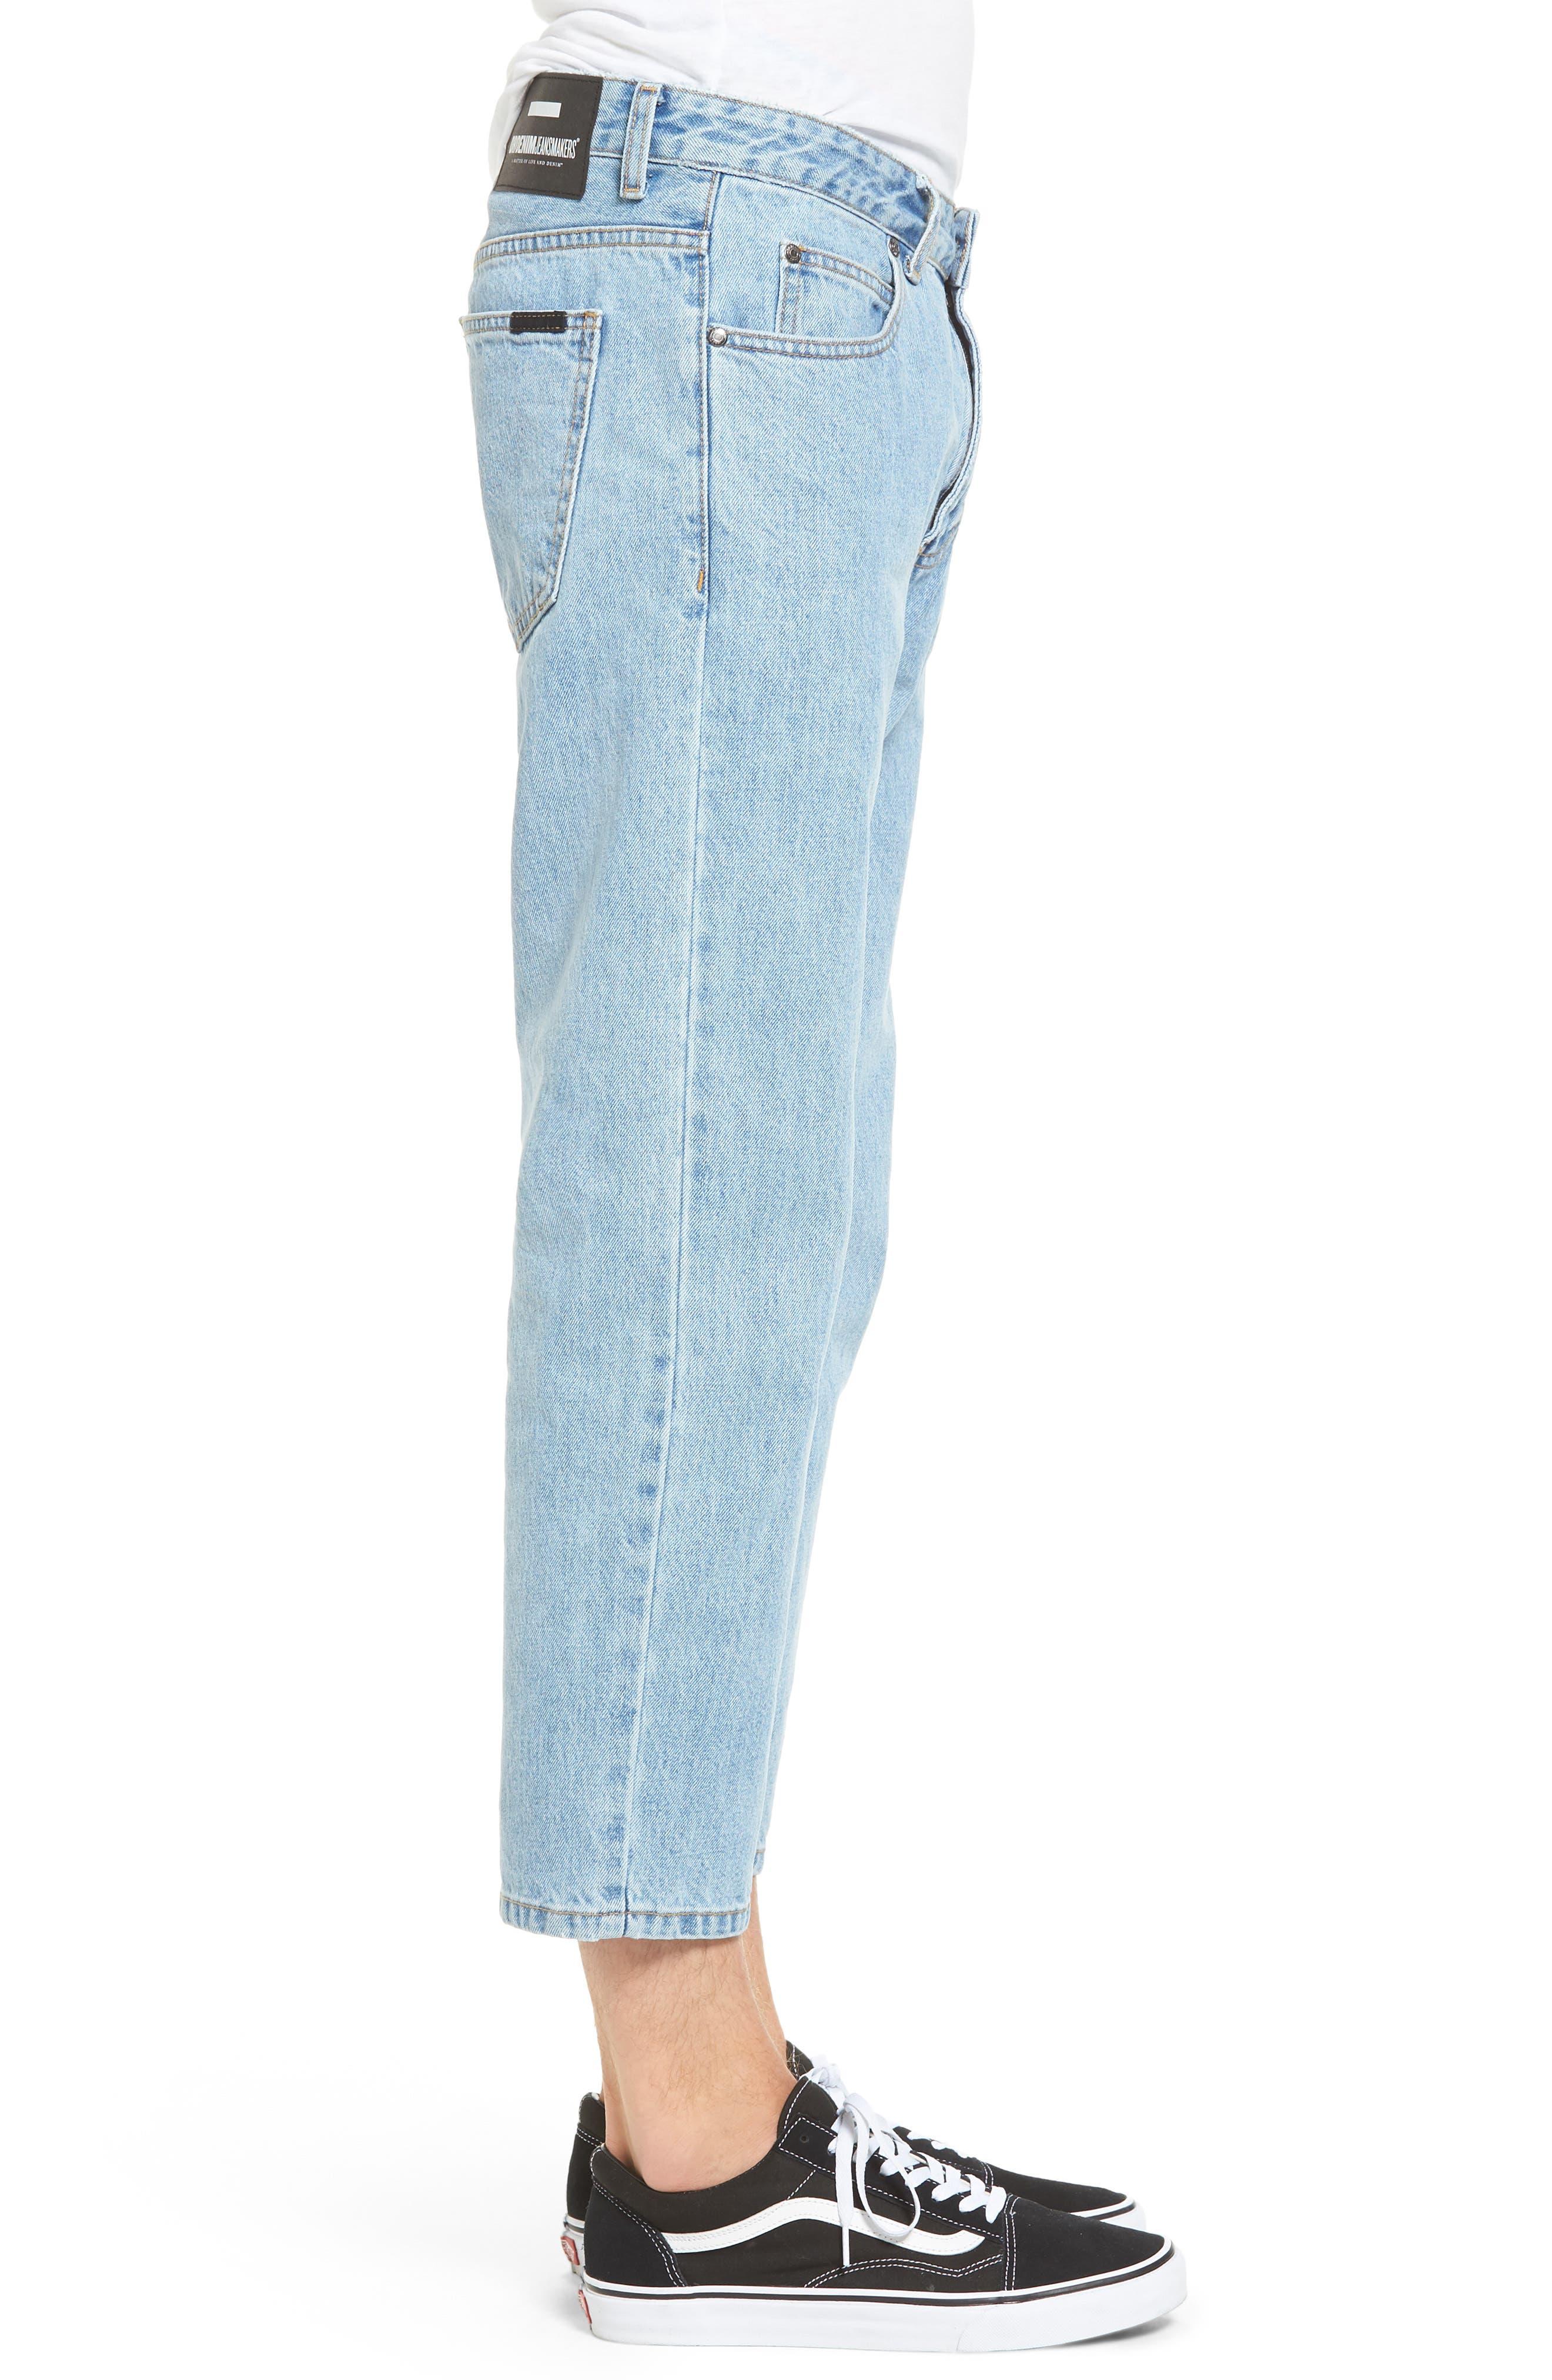 Alternate Image 3  - Dr. Denim Supply Co. Otis Straight Fit Jeans (Light Retro)